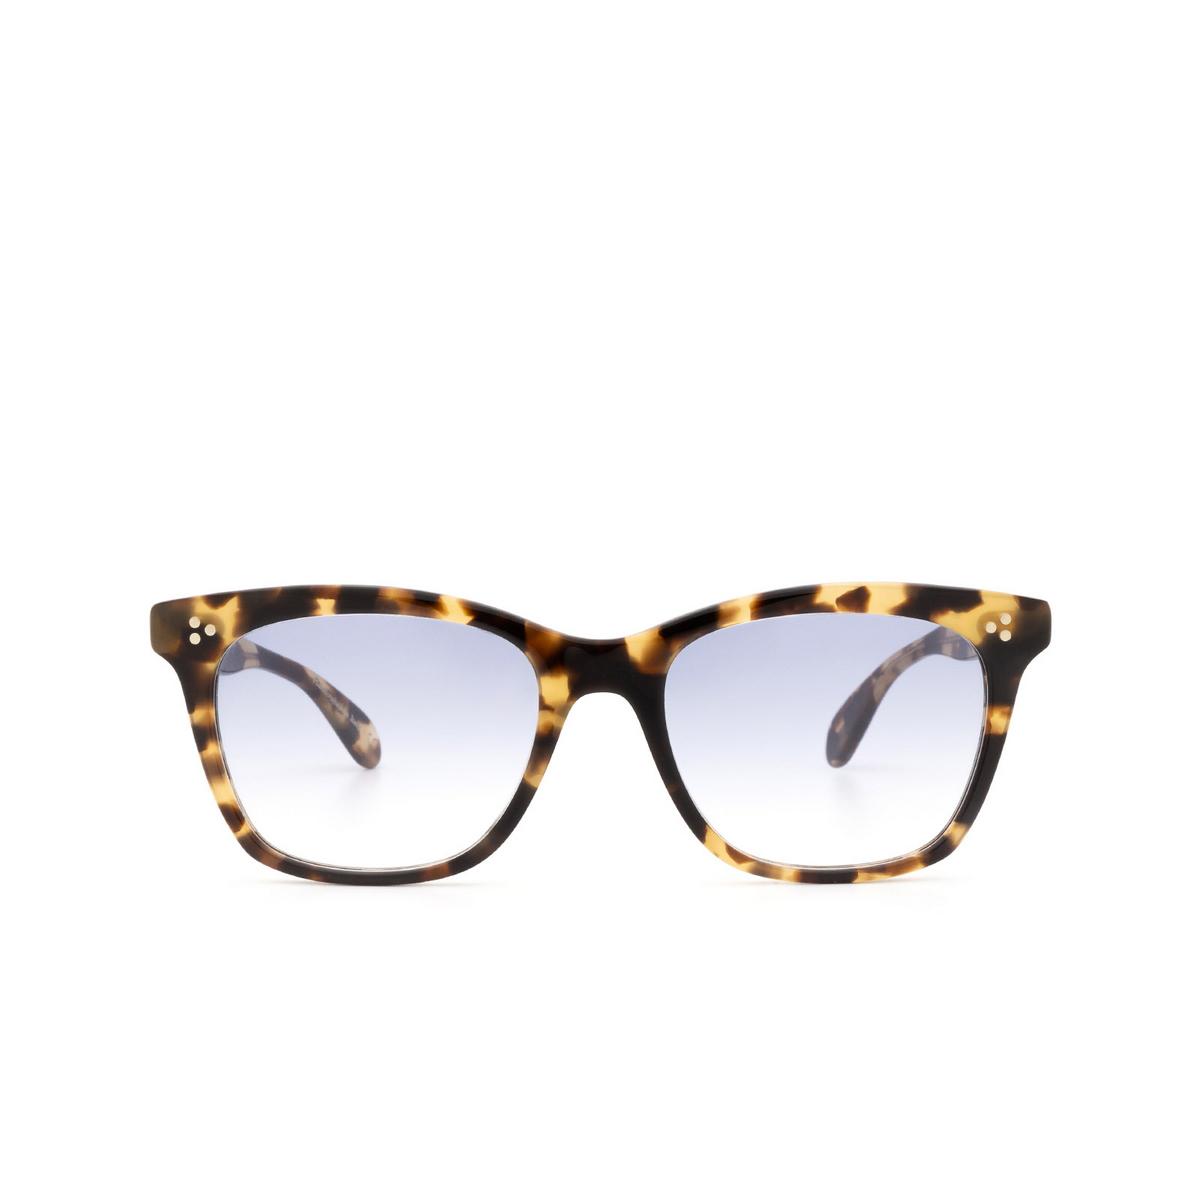 Oliver Peoples® Square Eyeglasses: Penney OV5375U color Hickory Tortoise 1550.